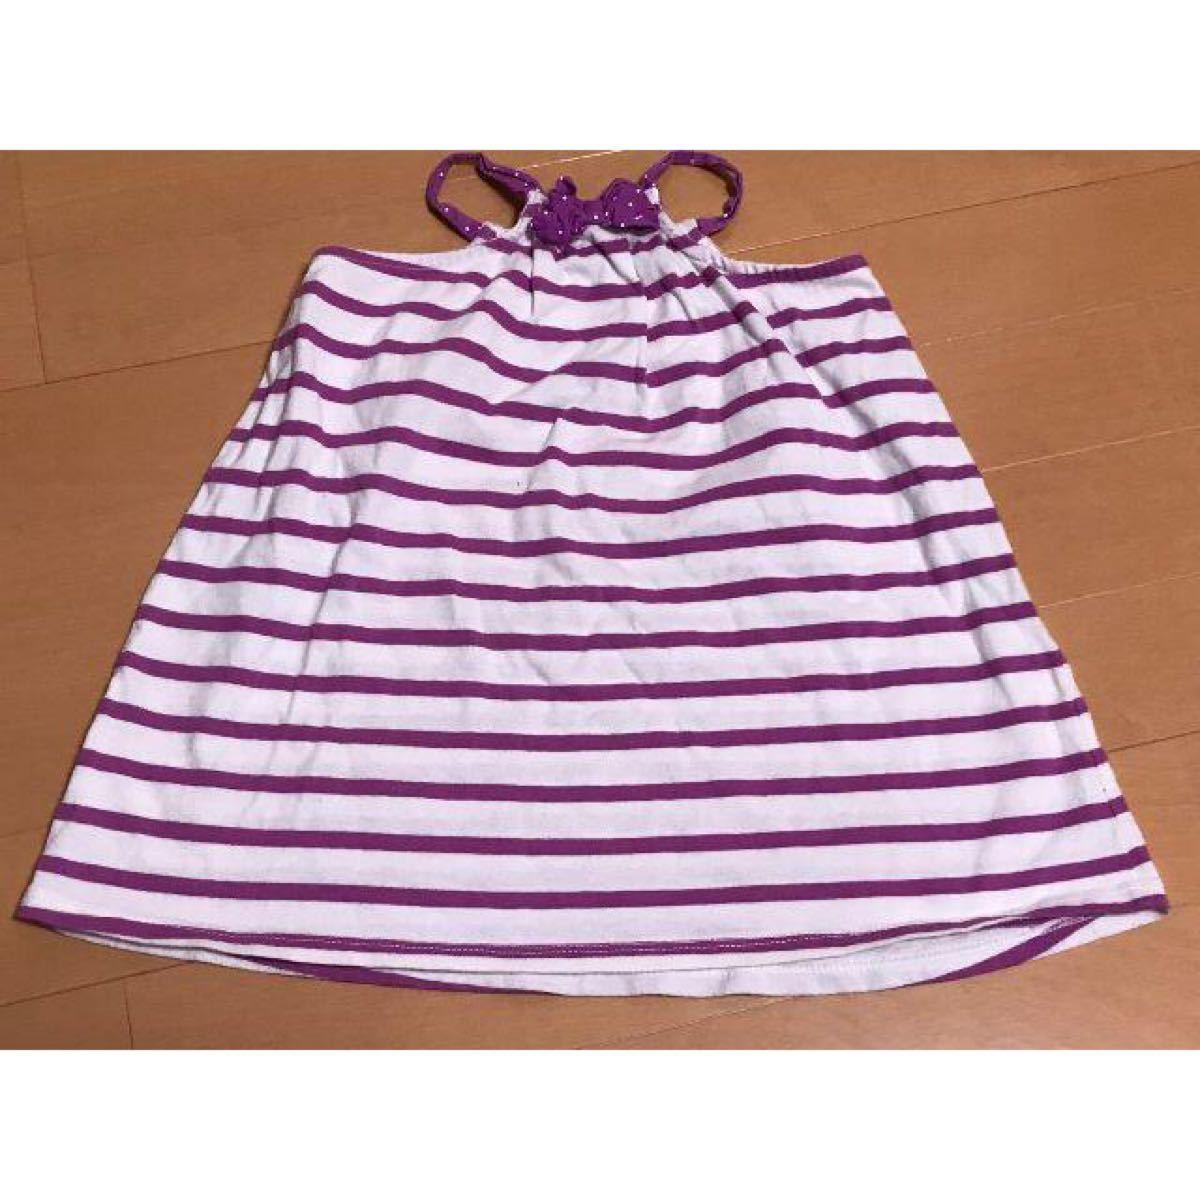 キッズ・子供服95cm ワンピース 紫白ボーダー柄 女の子用